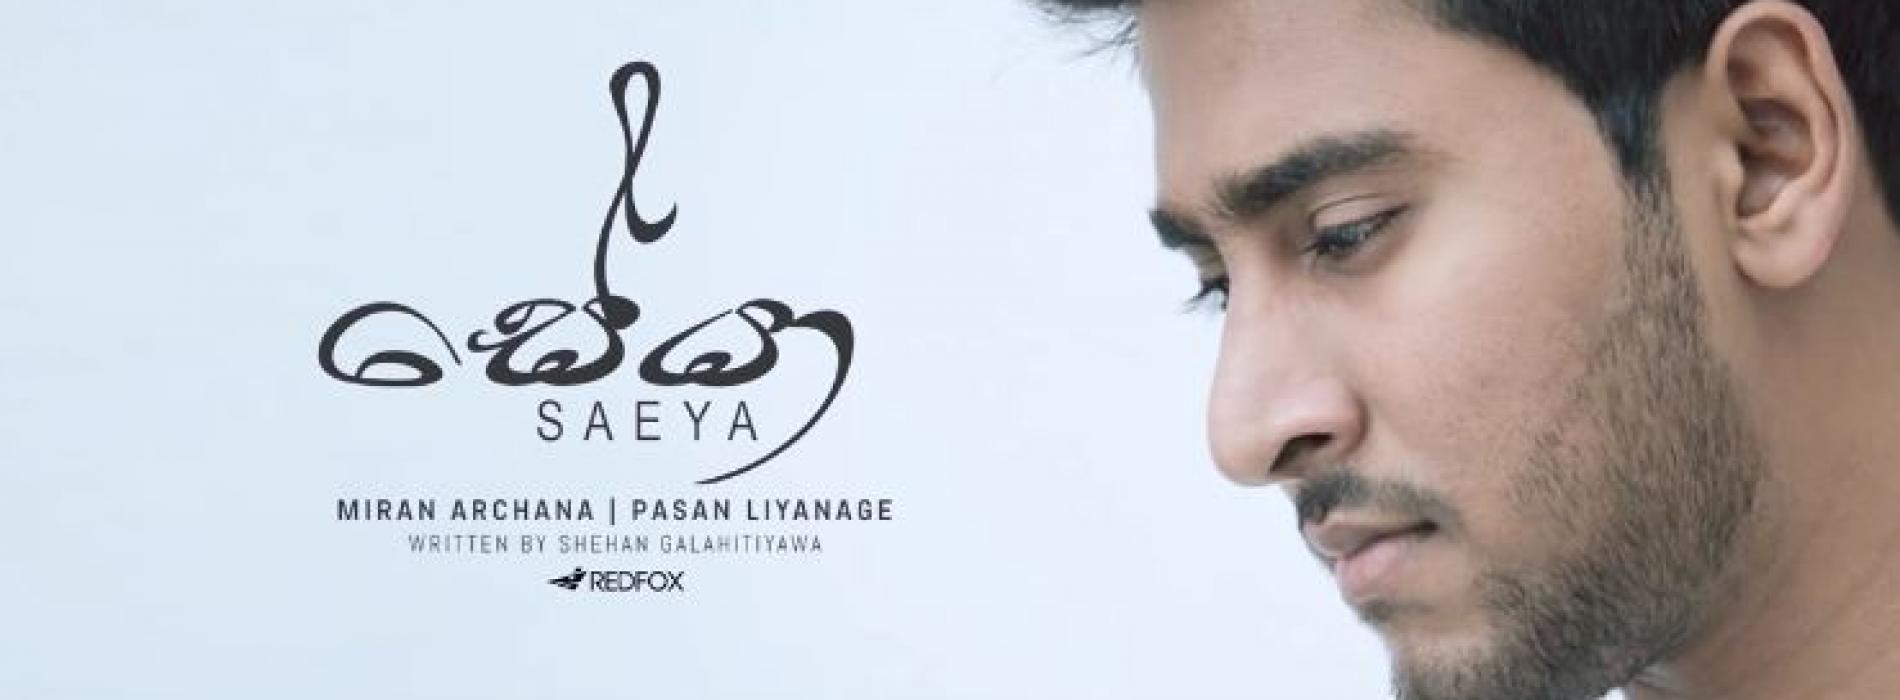 Miran Archana ft Pasan Liyanage – Saeya (සේයා) Official Lyric Video